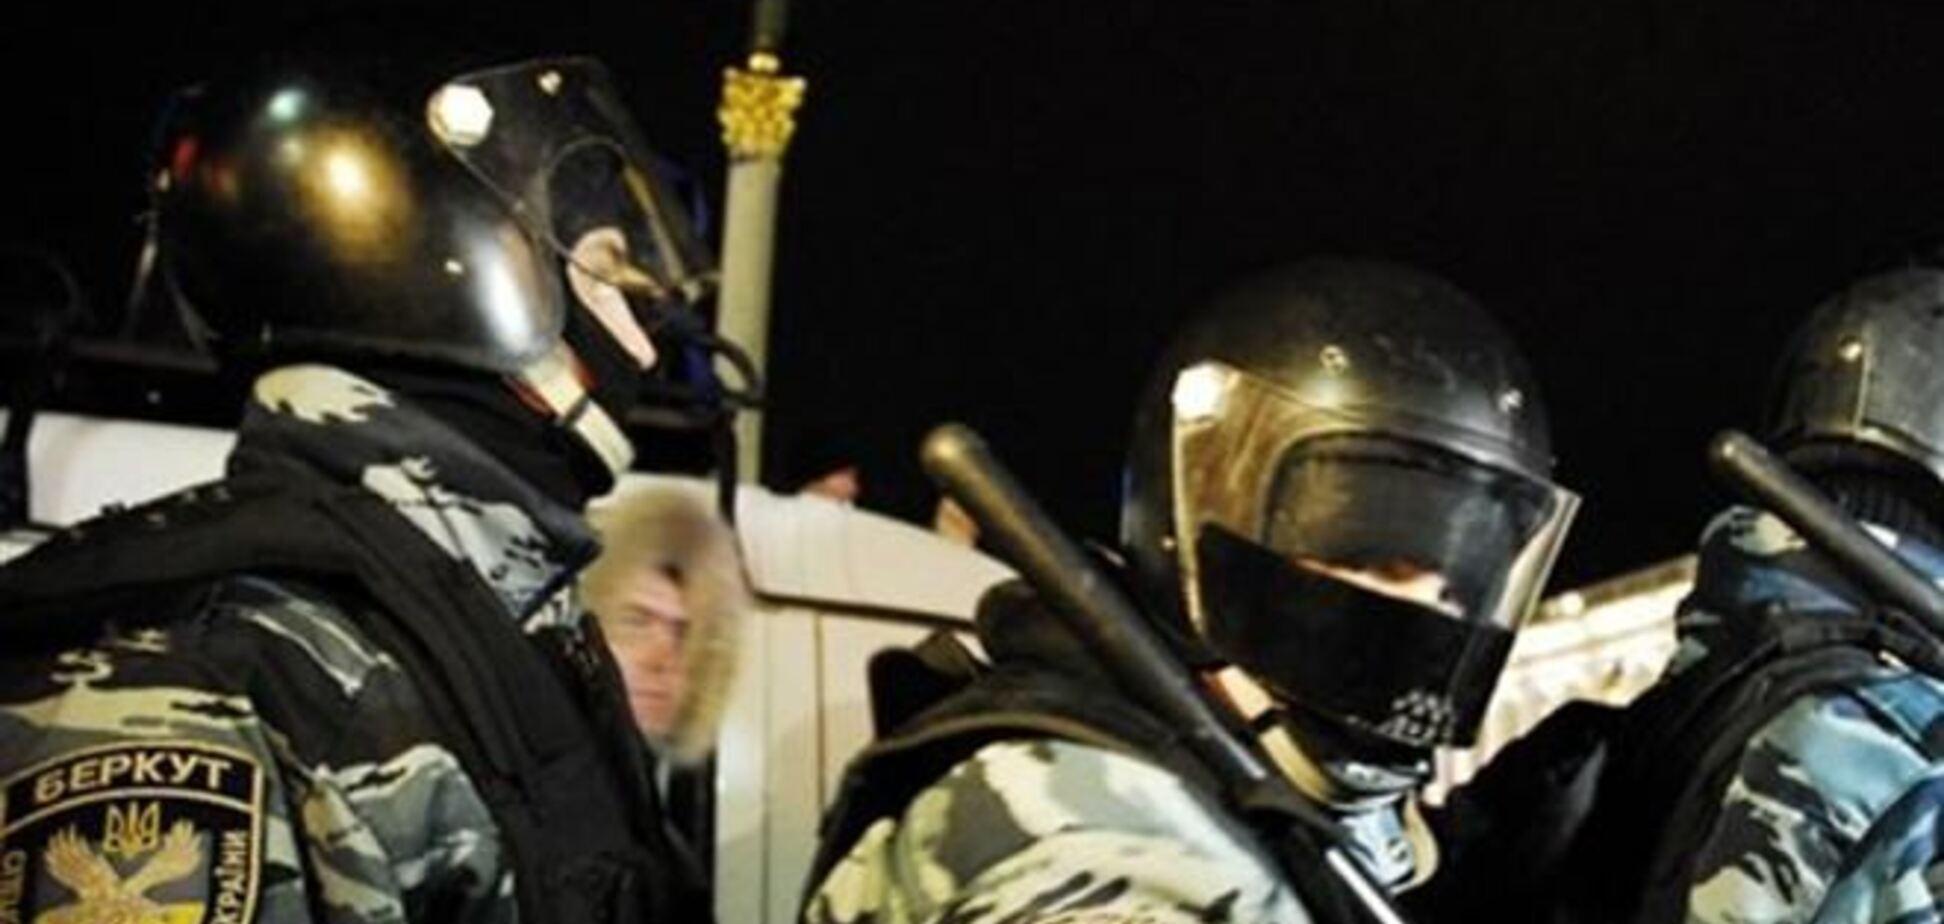 Львовский 'Беркут' отправили в Киев без щитов - 'Свобода'